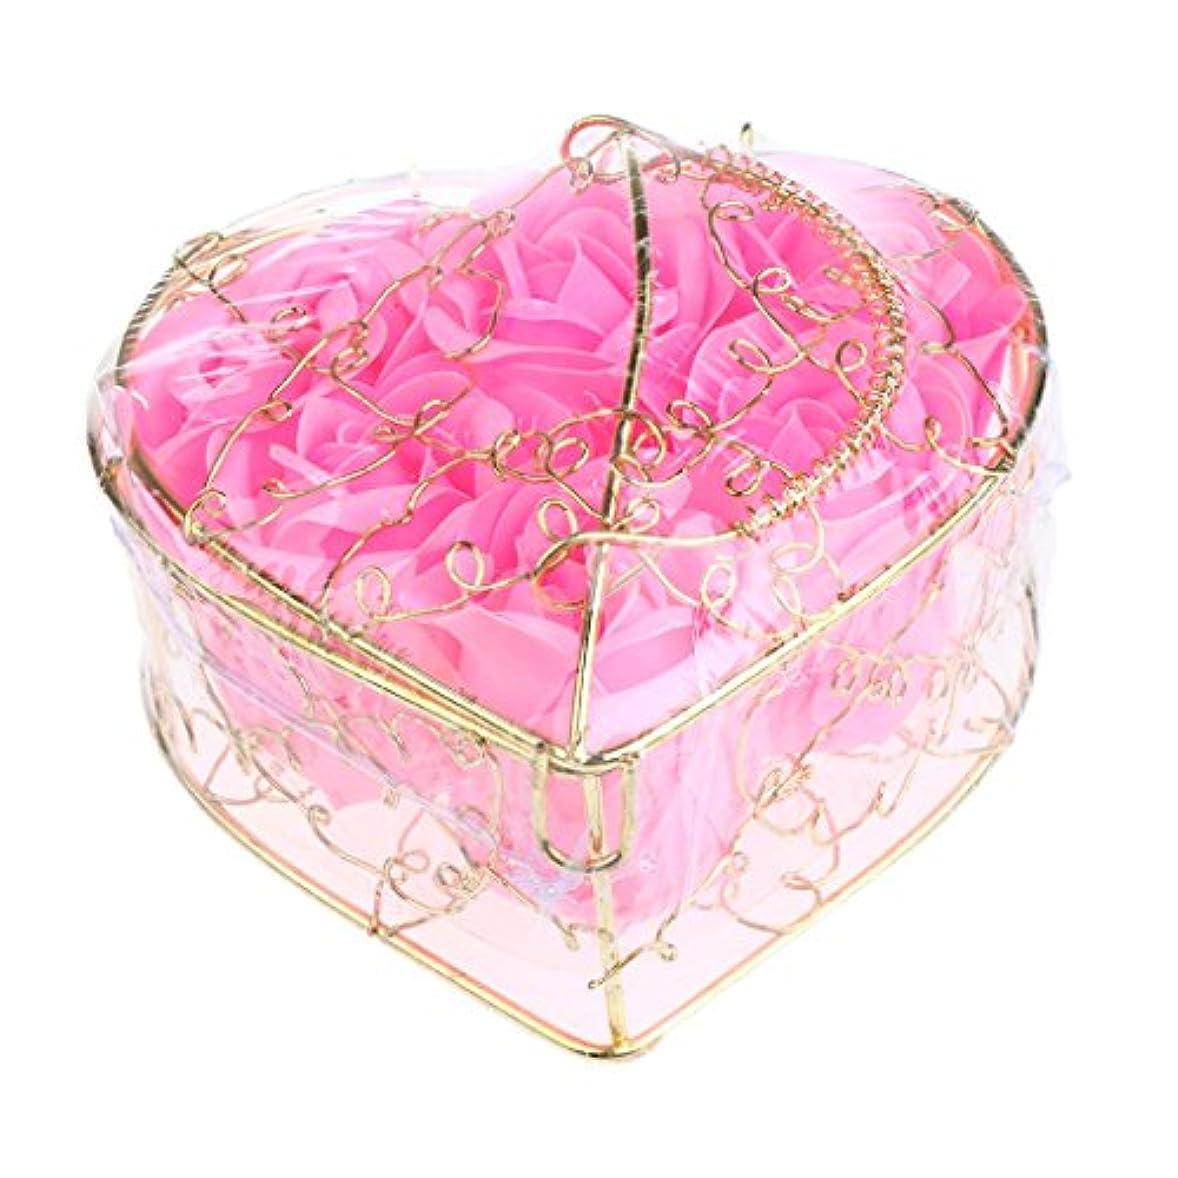 松書店拳6個 ソープフラワー 石鹸の花 バラ 薔薇の花 ロマンチック 心の形 ギフトボックス 誕生日 プレゼント 全5仕様選べる - ピンク